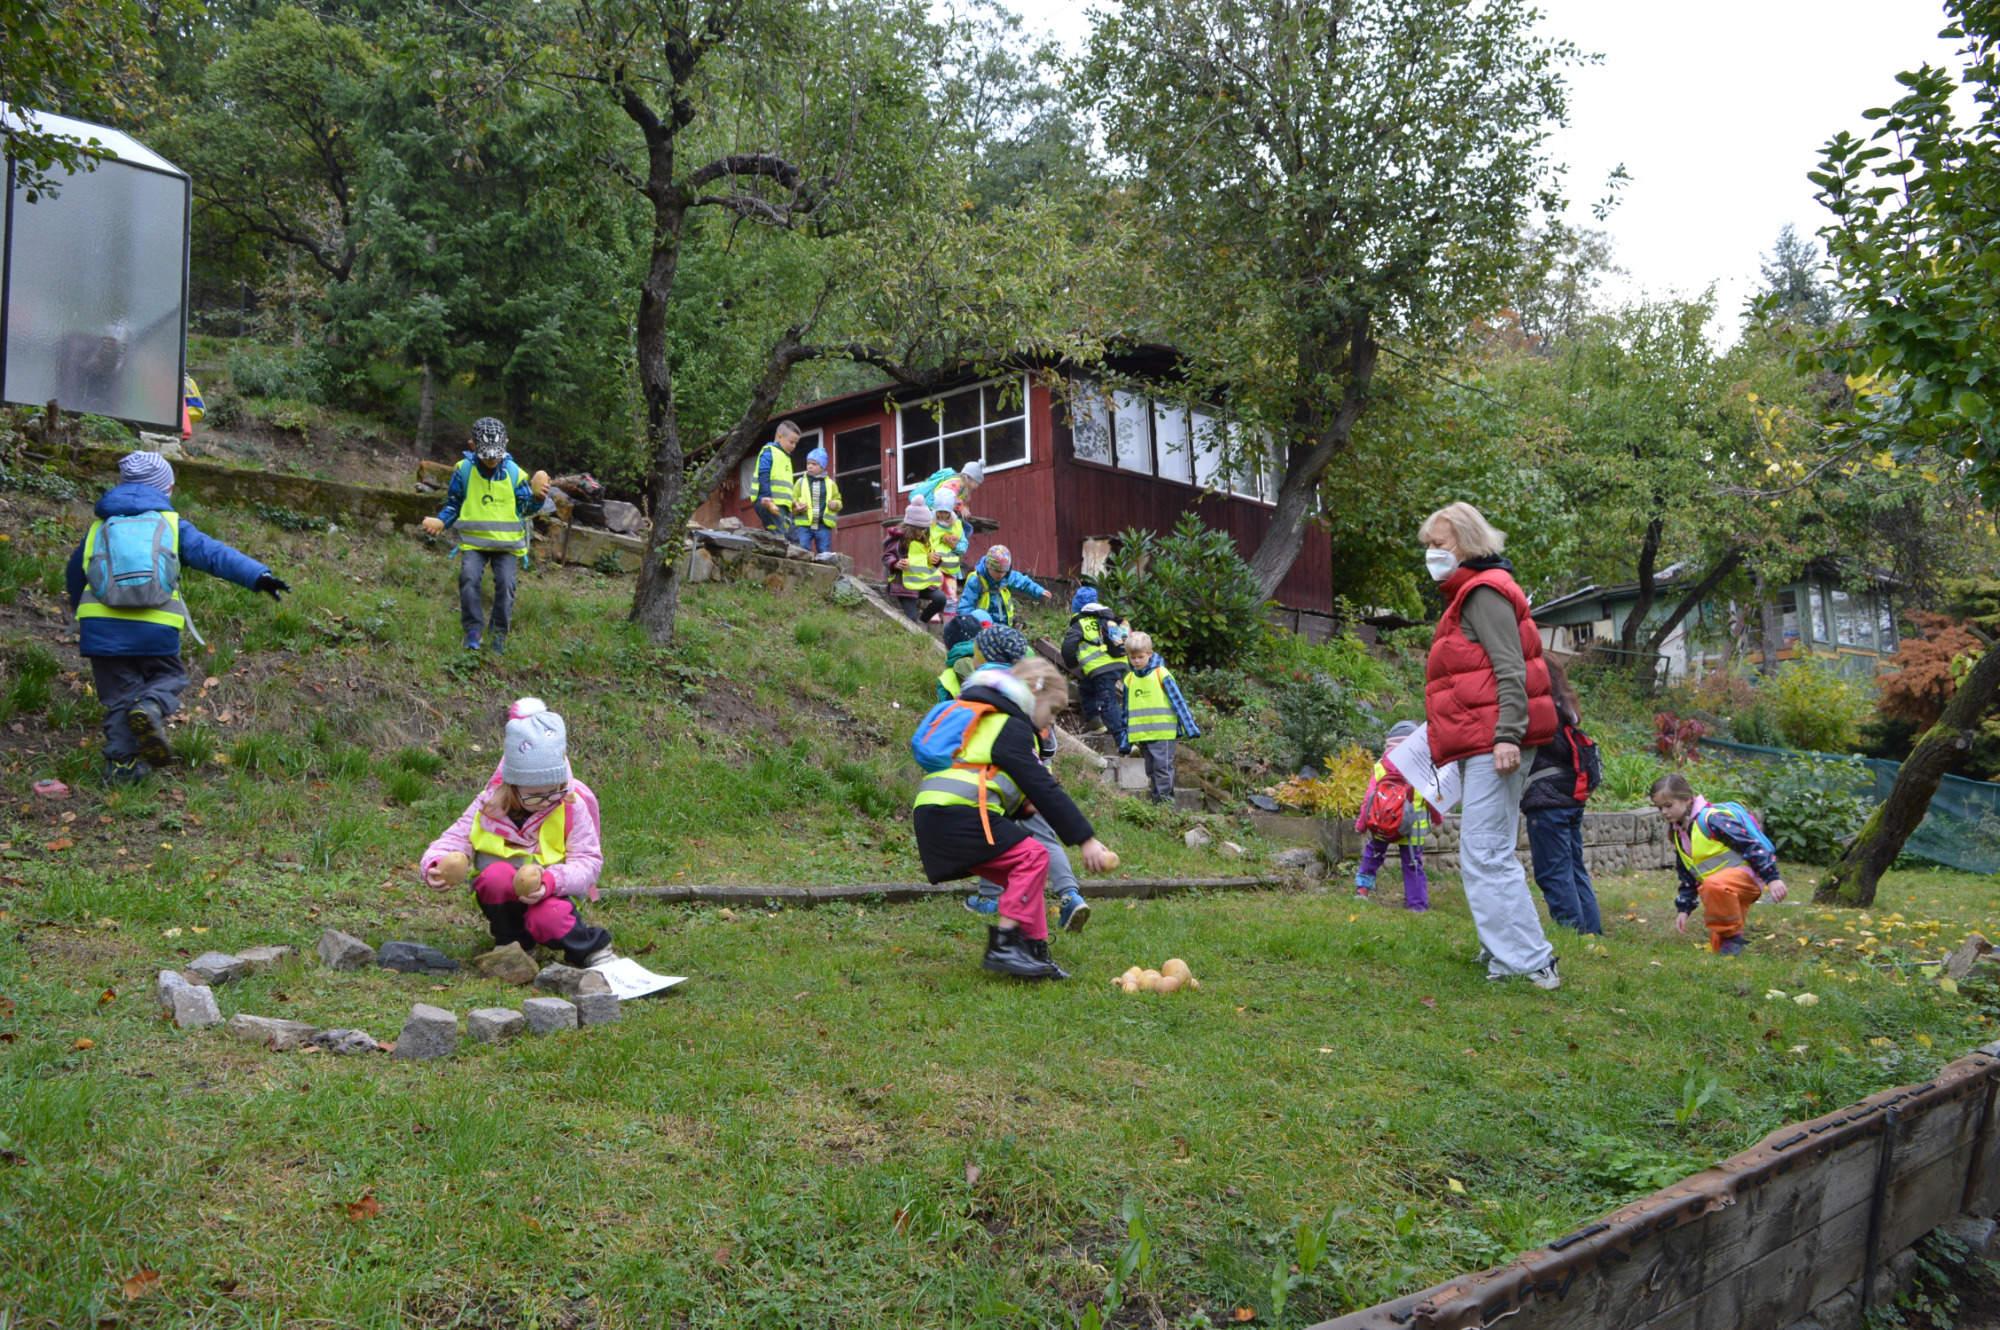 děti v zahrádkářské kolonii hází brambory na cíl